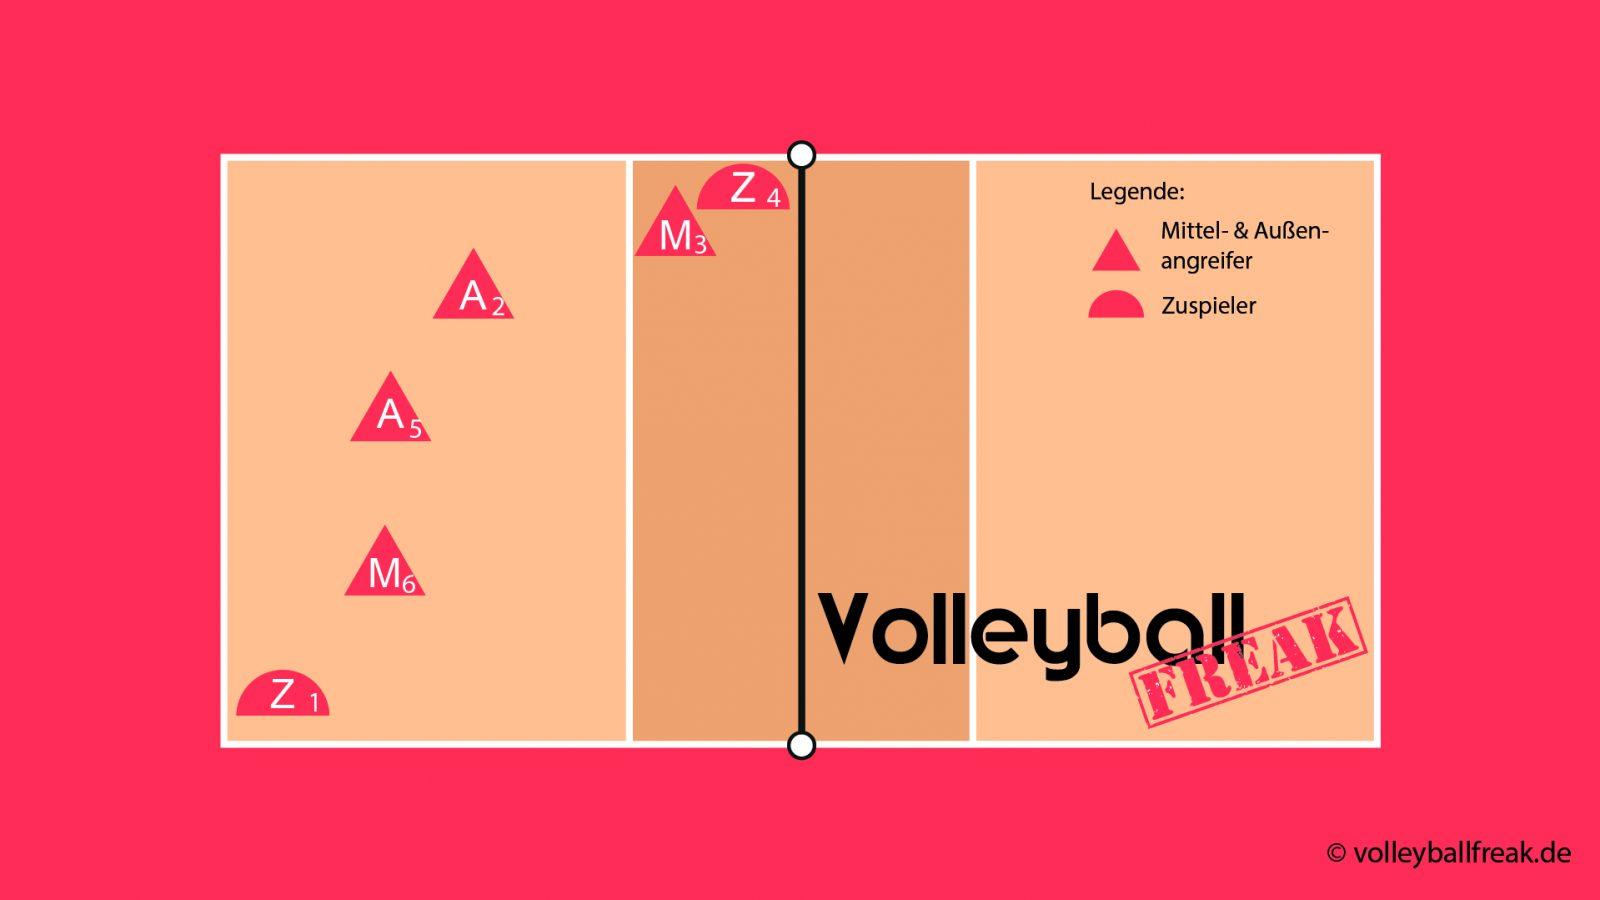 Das Bild zeigt die Annahmeaufstellung im Volleyball Läufersystem 204 mit Zuspieler von 4